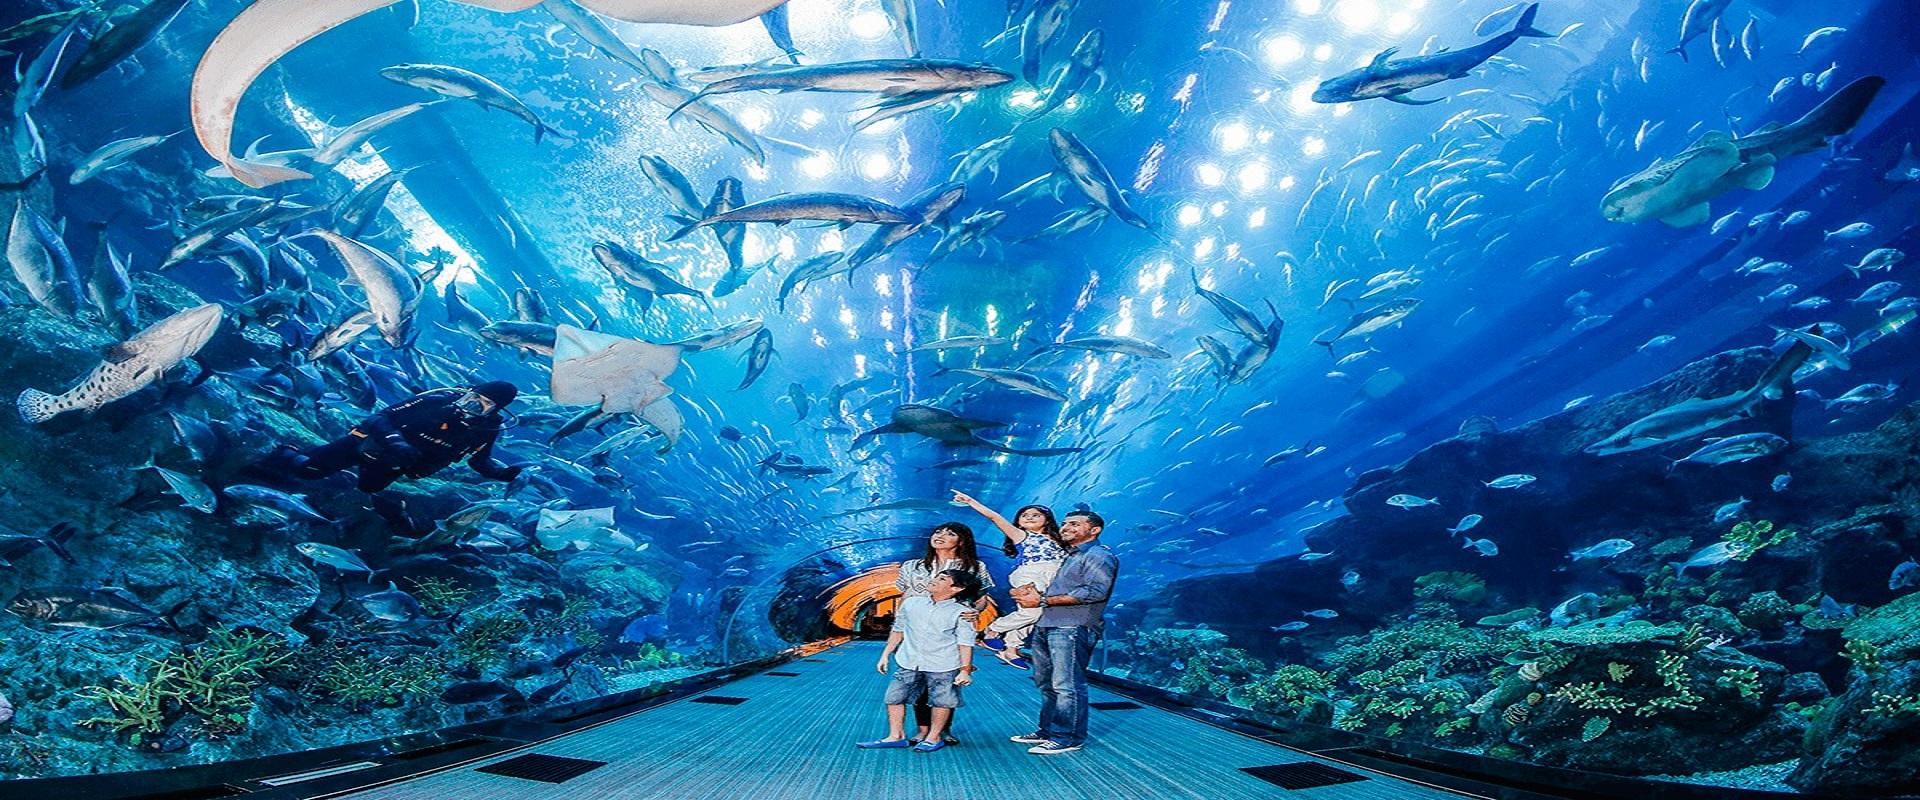 Burj Khalifa + Dubai Aquarium